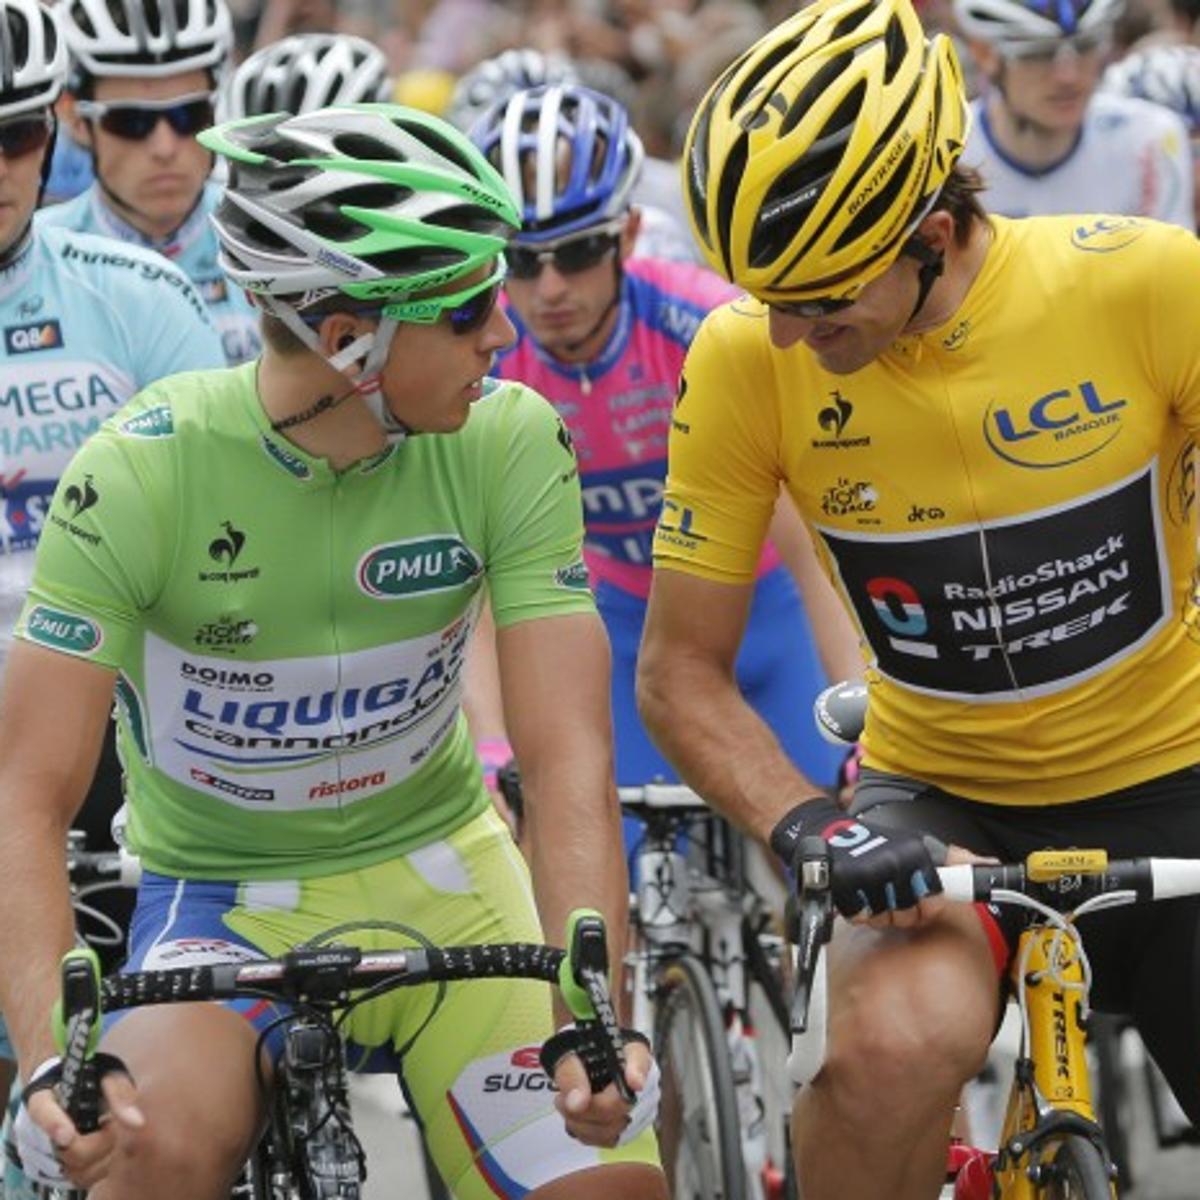 Sagan gana la tercera etapa del Tour de Francia | Deportes | tucson com